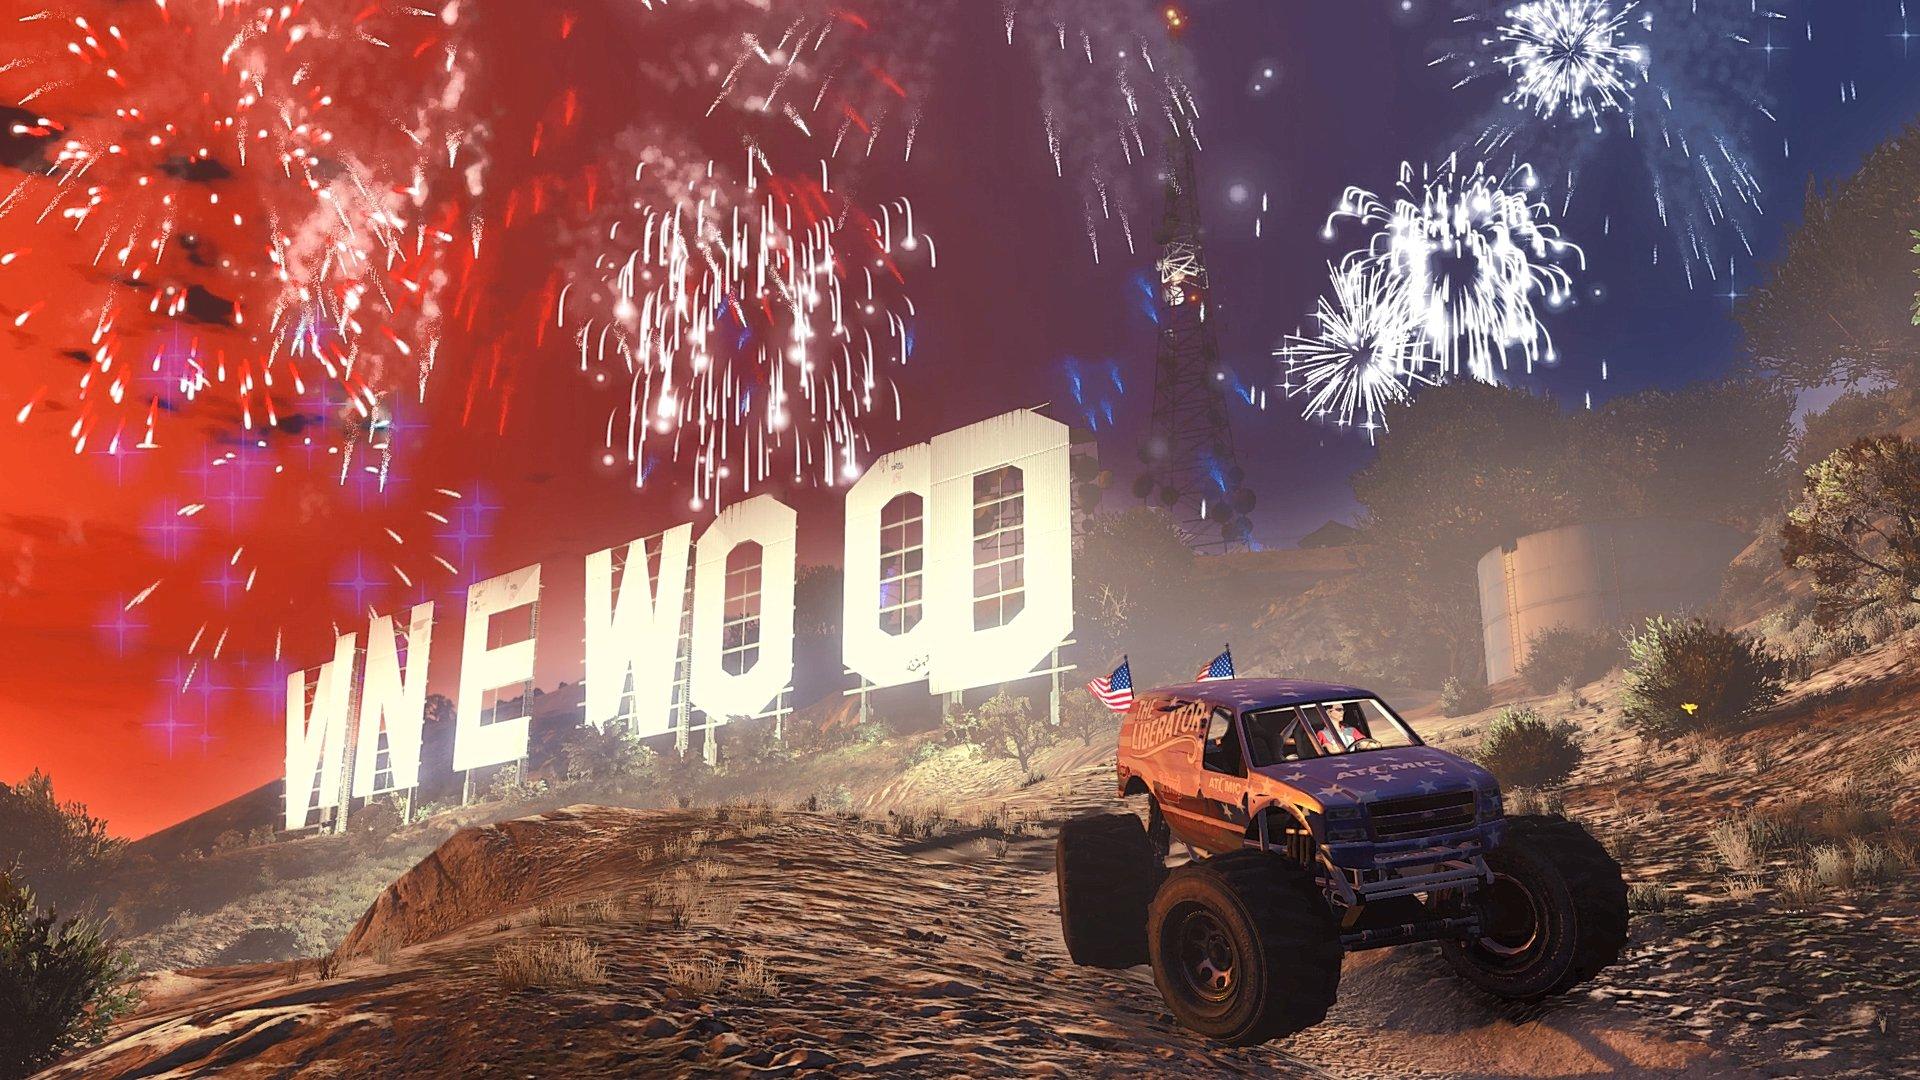 GTA在线模式欢庆《独立日》  特殊商战奖励、折扣等开启